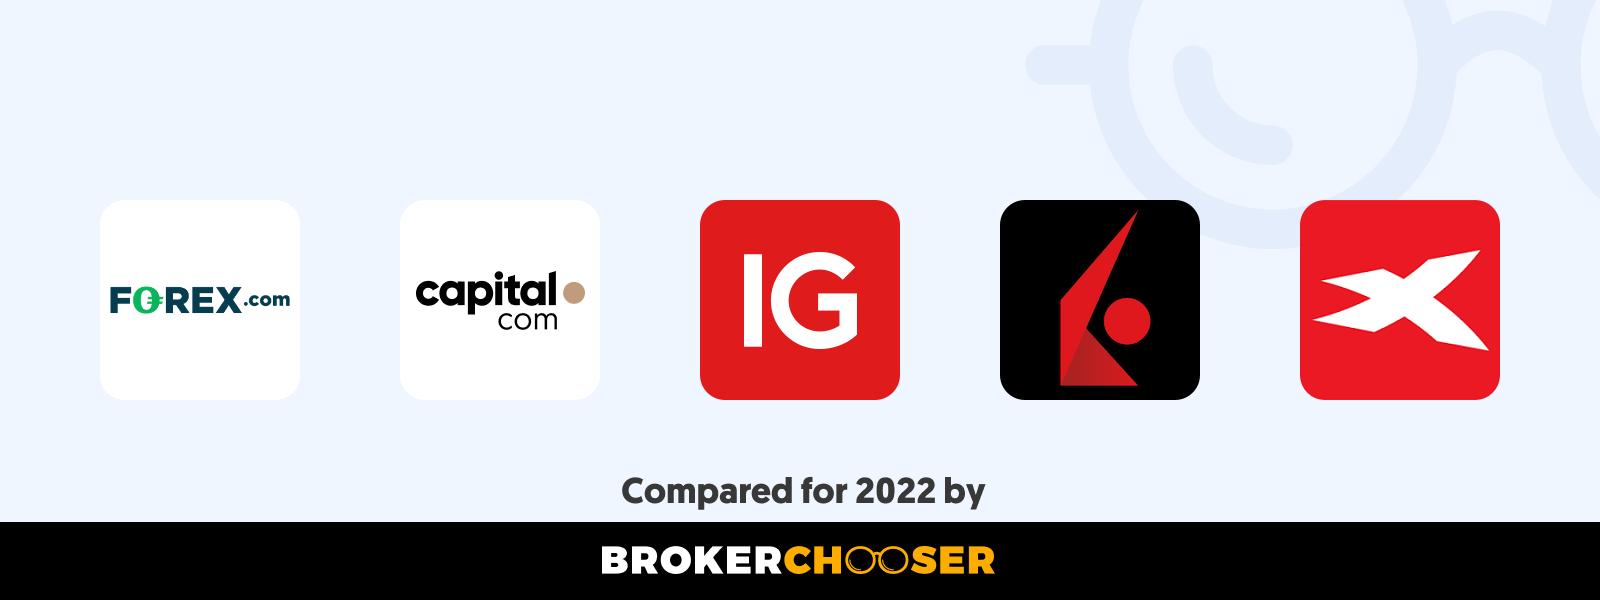 Best forex brokers for beginners in Senegal in 2021